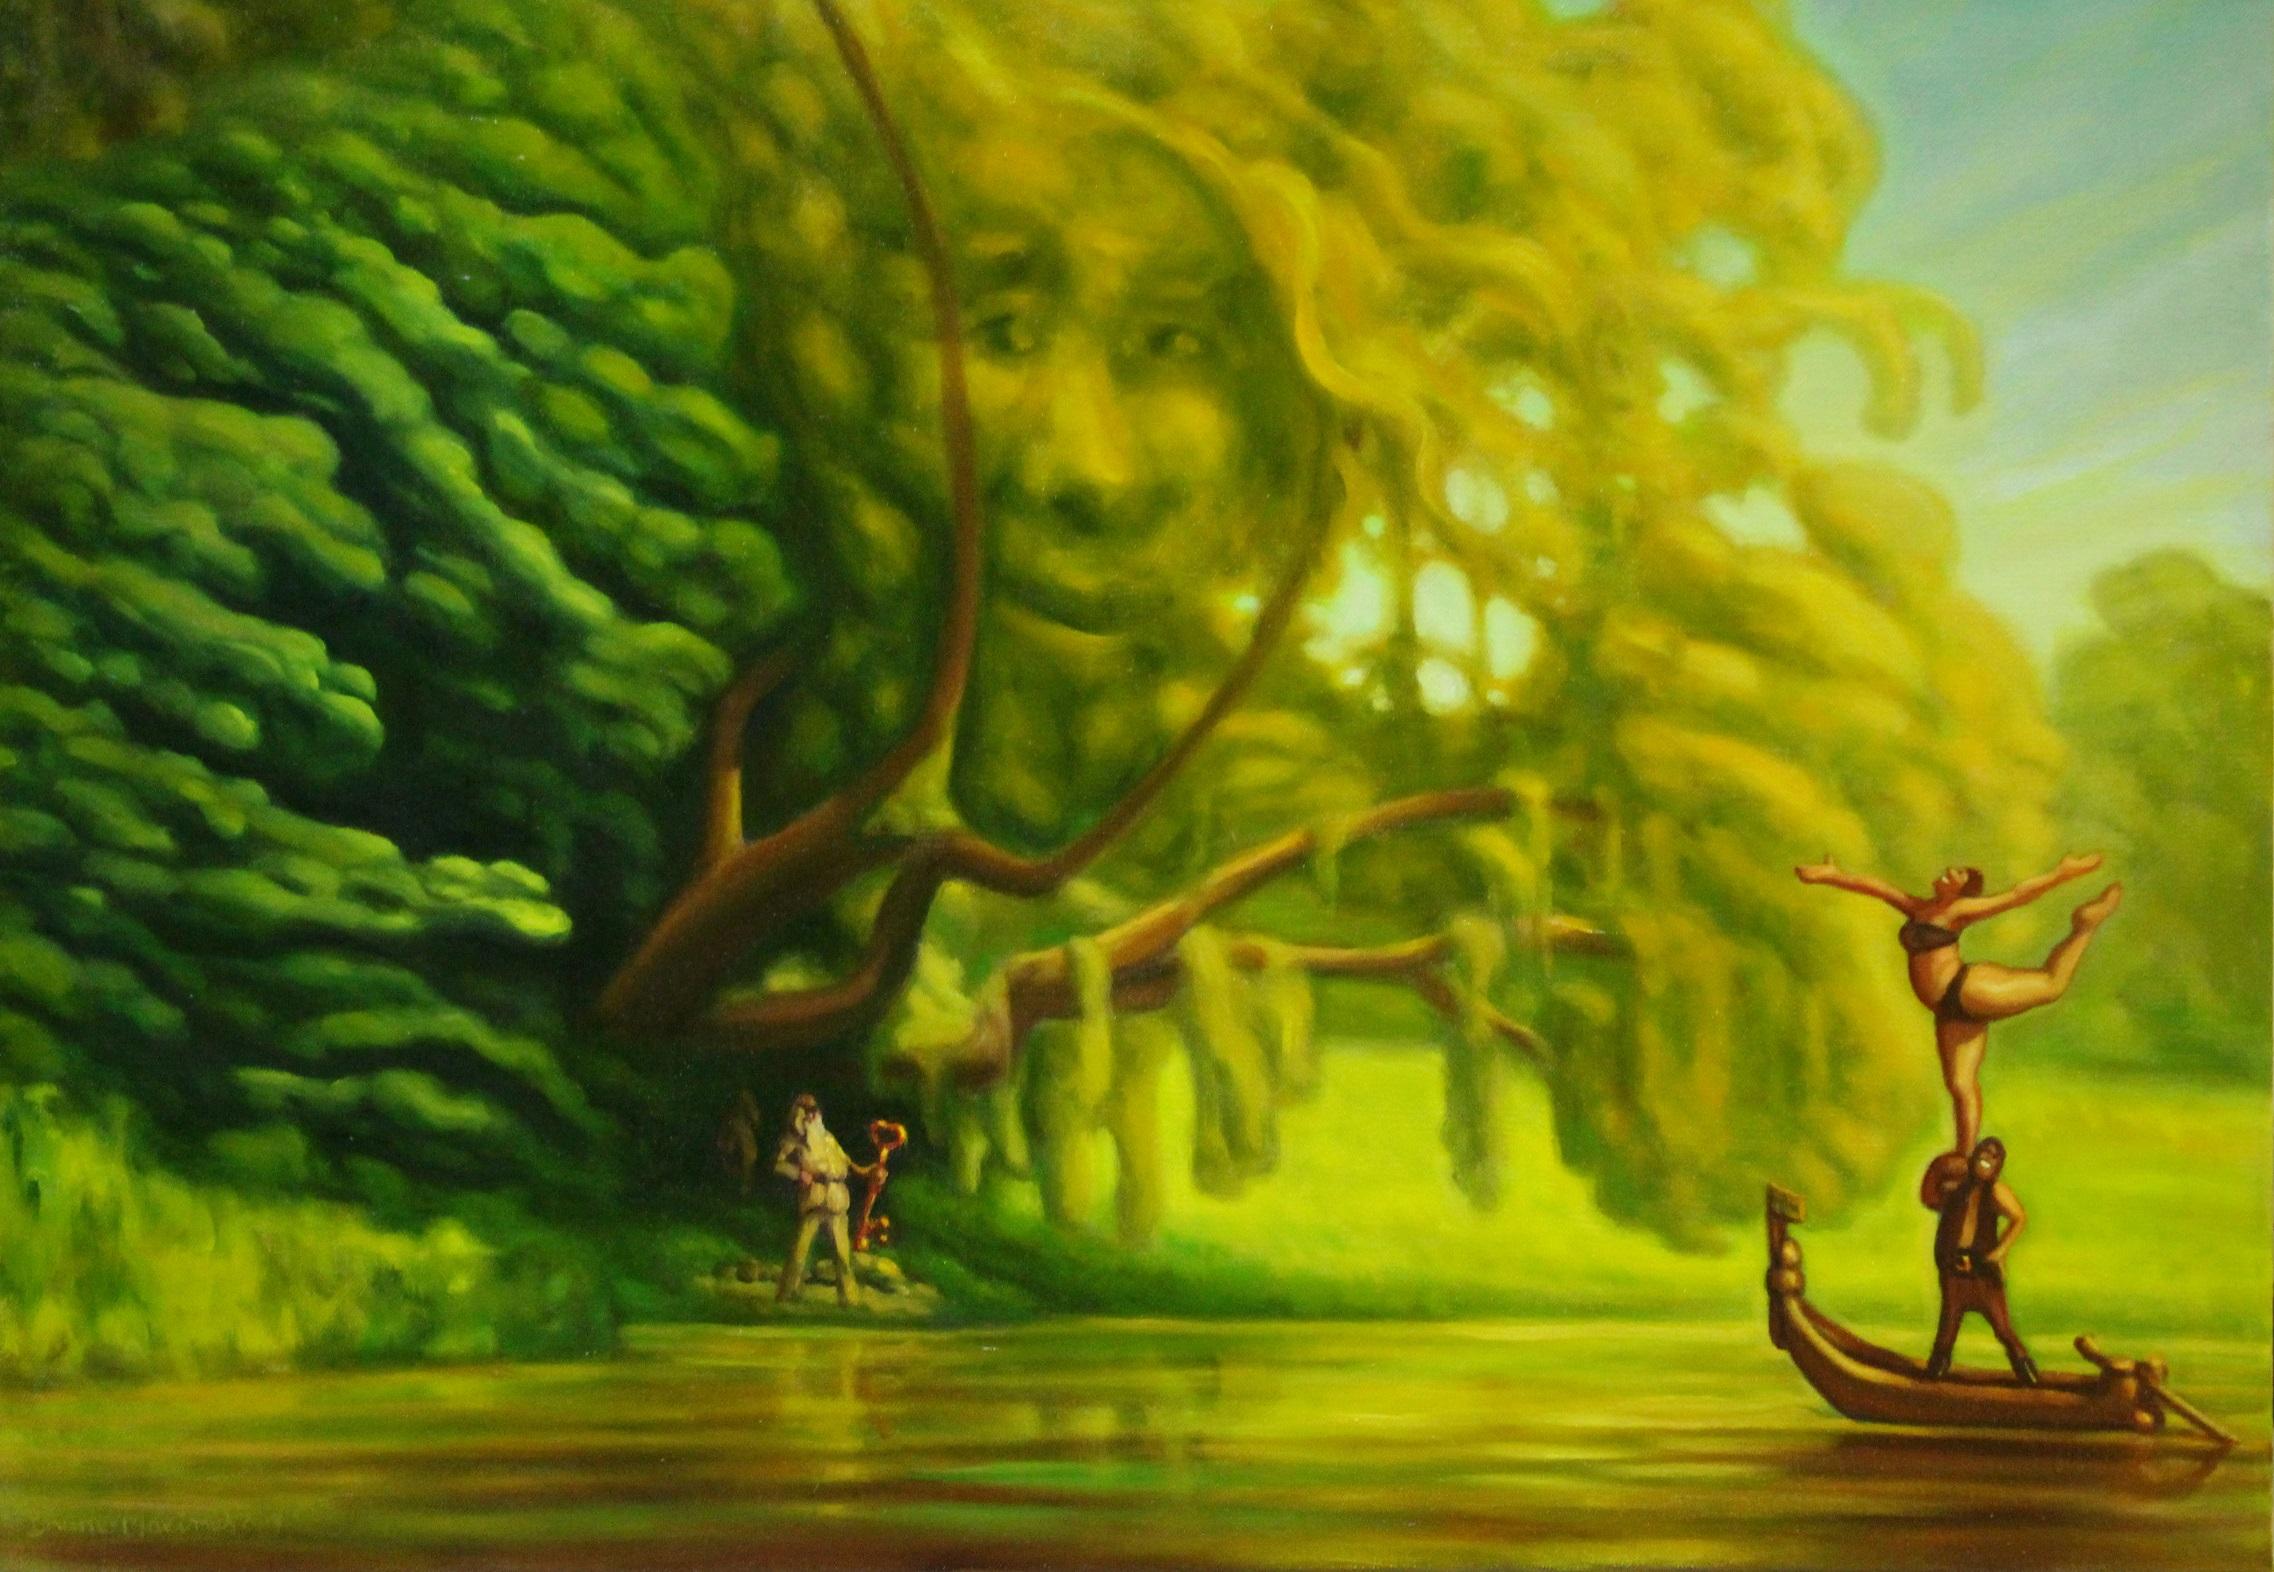 Surrealistinen vihreä näkymä. Puulla kasvot, alla Väinämöinen pitelee suurta avainta. Veneessä kaksi hahmoa, toinen seisoo toisen olalla yhdellä jalalla.